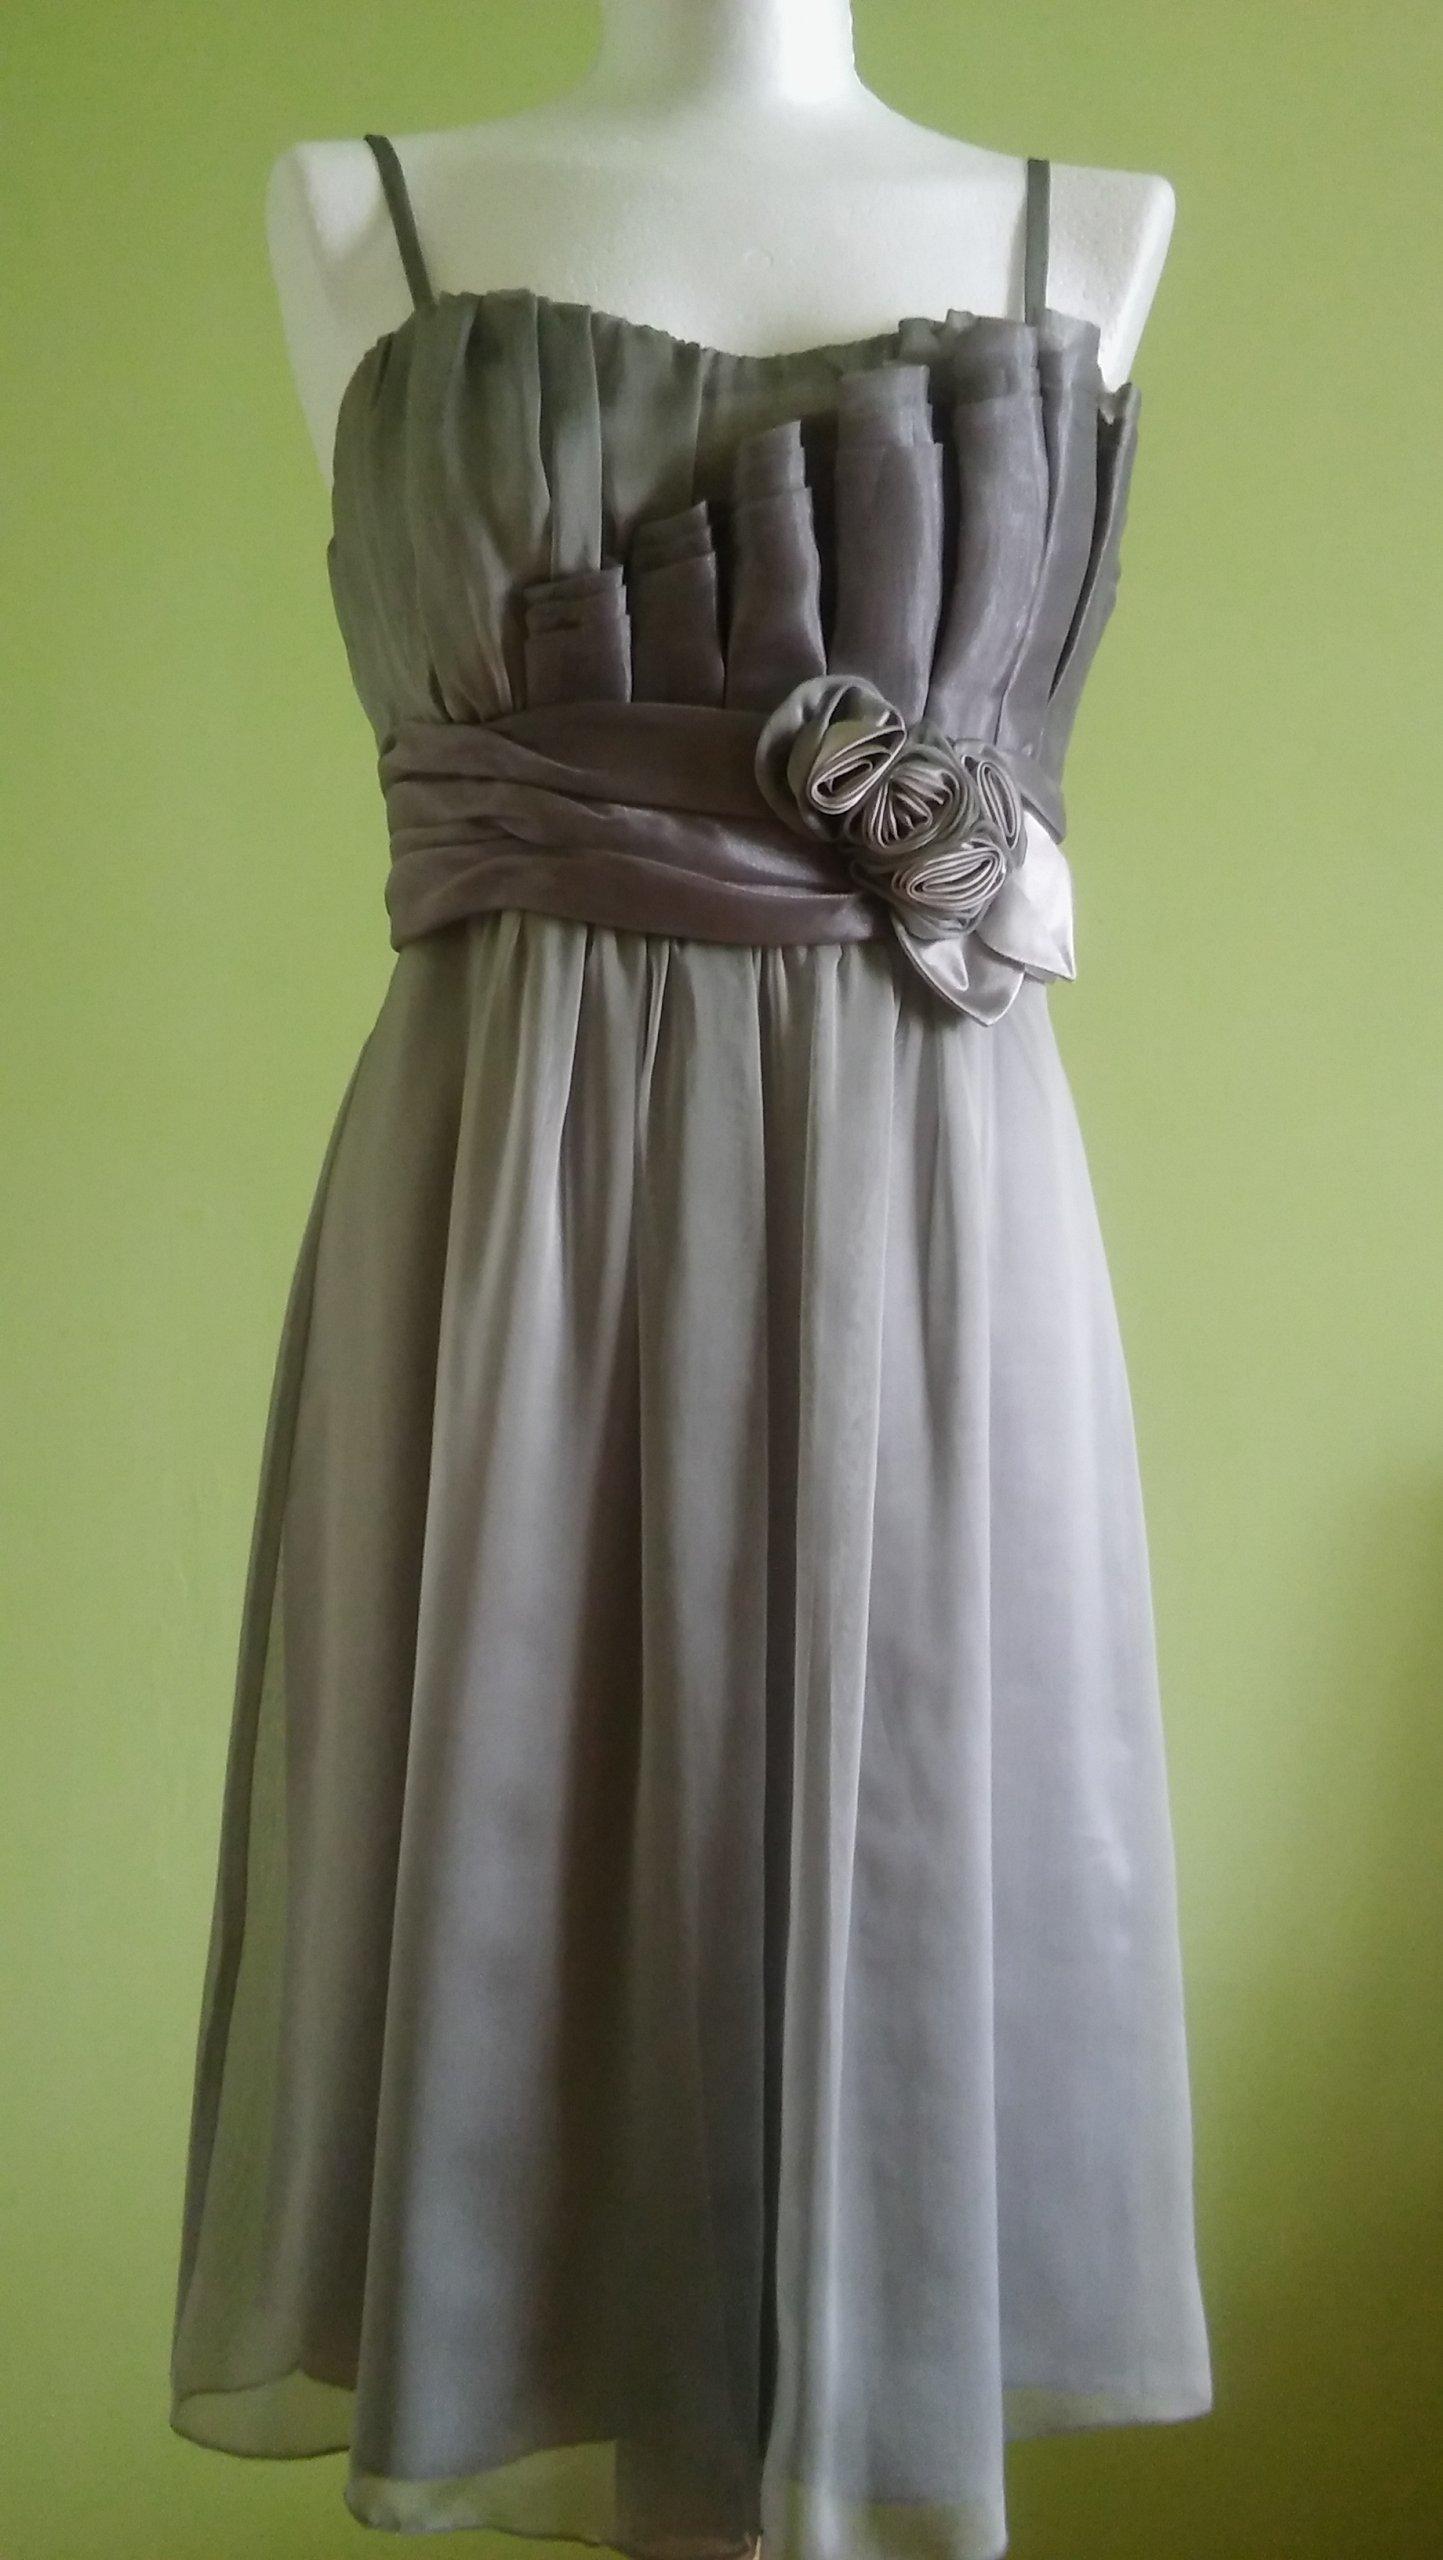 f2aa5b3551 ... Długa koktajlowa wieczorowa sukienka 61481 M 38. Sukienka wieczorowa